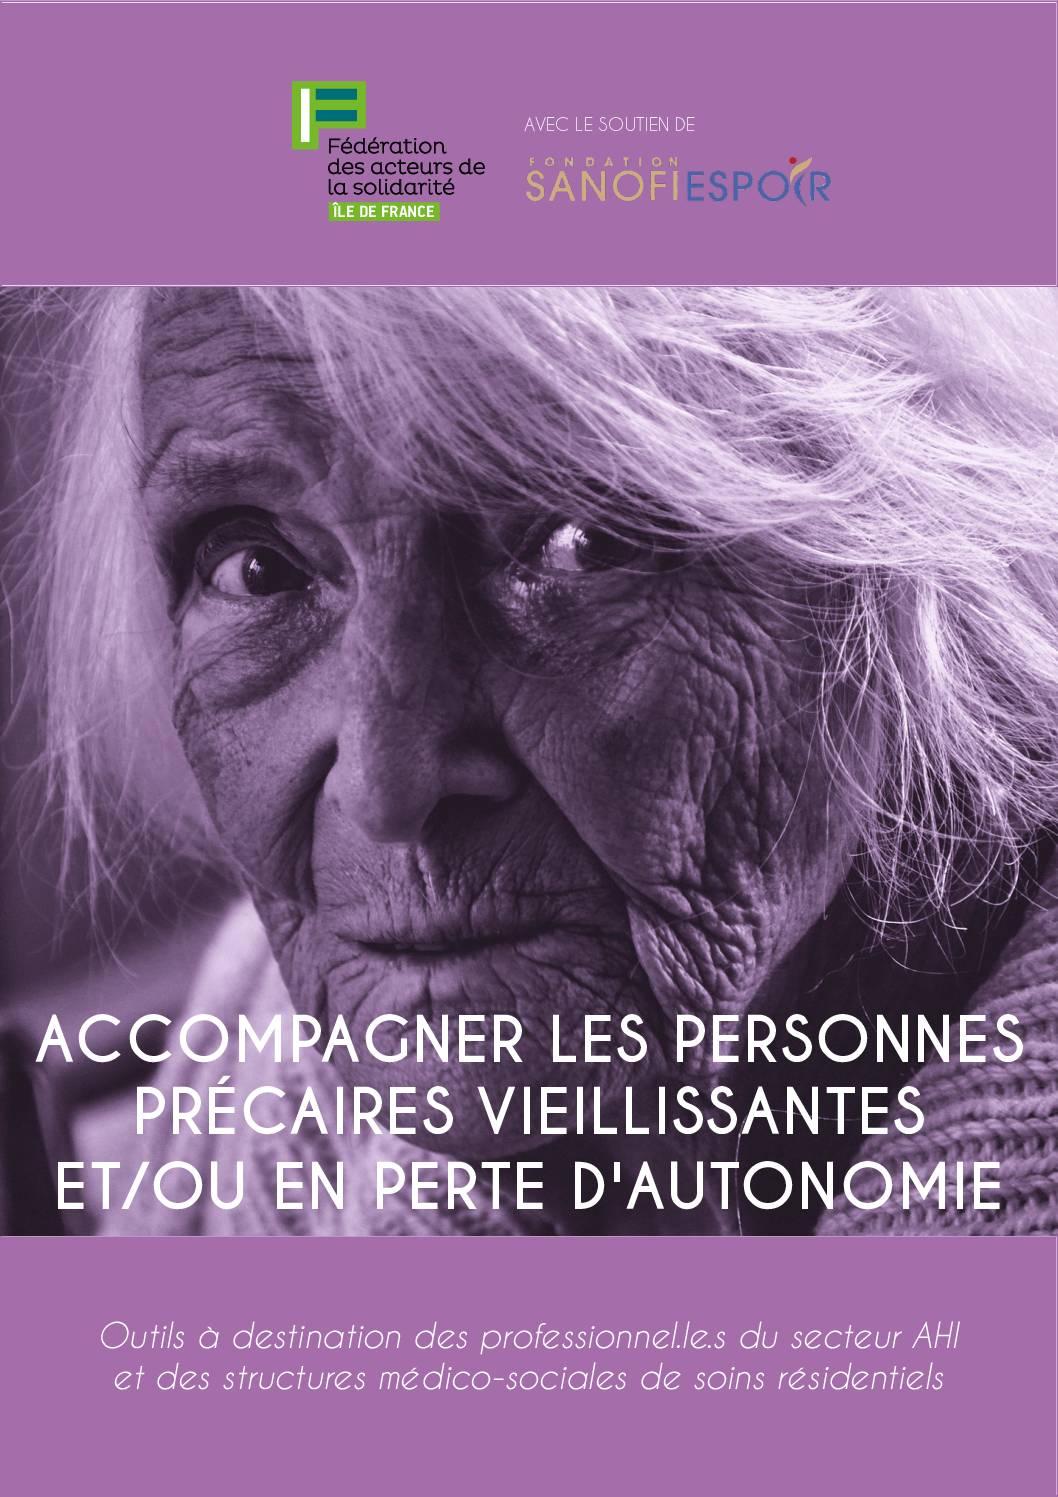 Accompagner les personnes précaires vieillissantes et/ou en perte d'autonomie : outils à destination des professionnel.le.s du secteur AHI et des structures médico-sociales de soins résidentiels